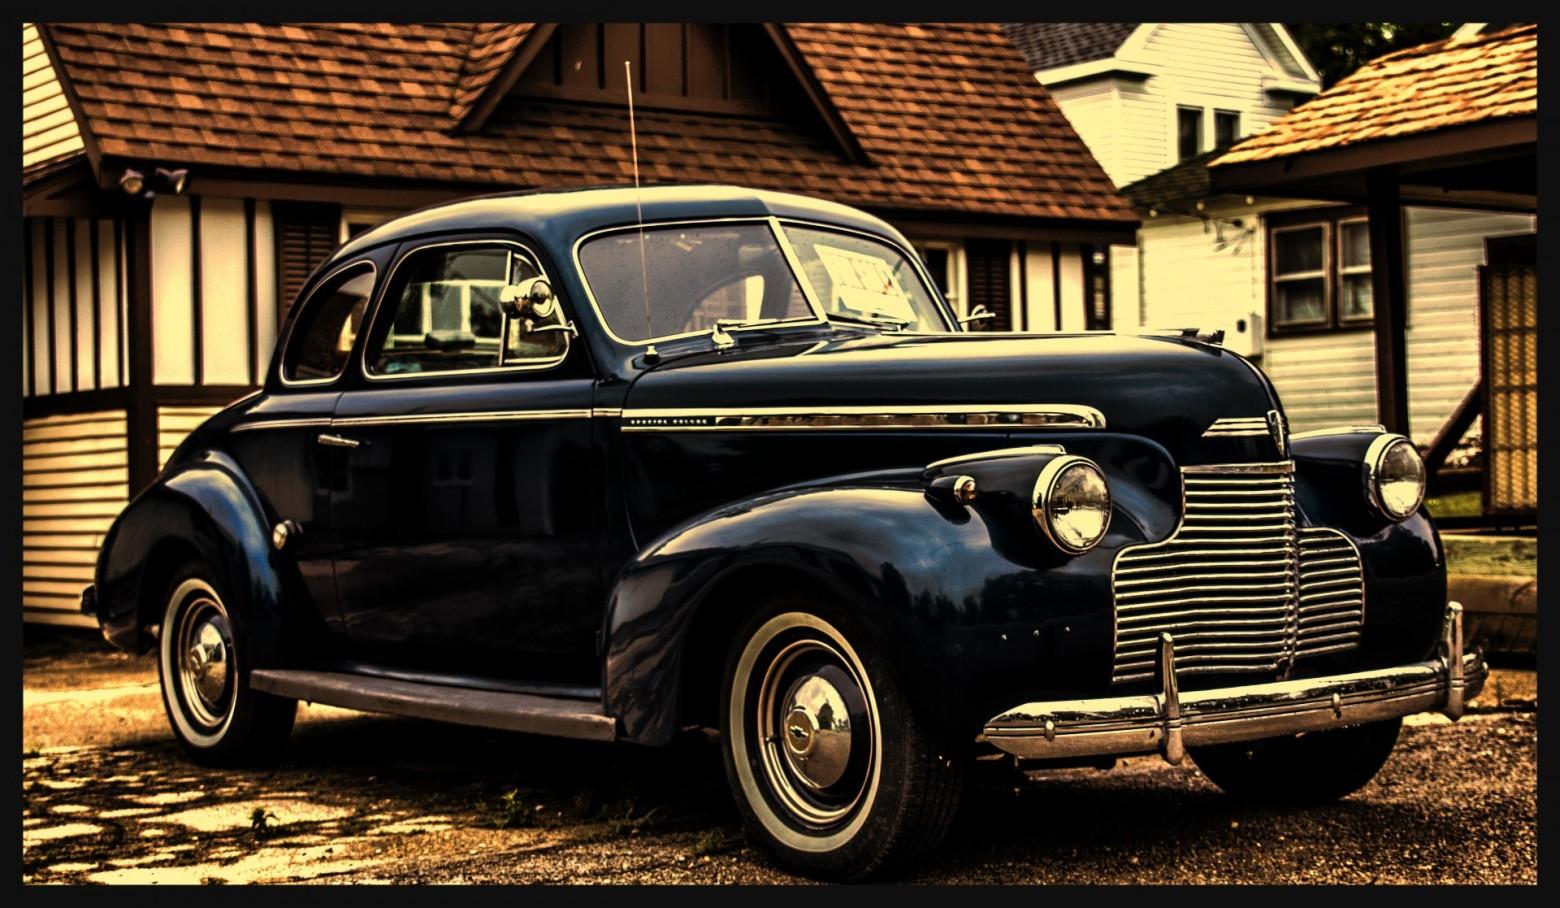 ancienne voiture de collection images photos hd gratuites images gratuites et libres de droits. Black Bedroom Furniture Sets. Home Design Ideas